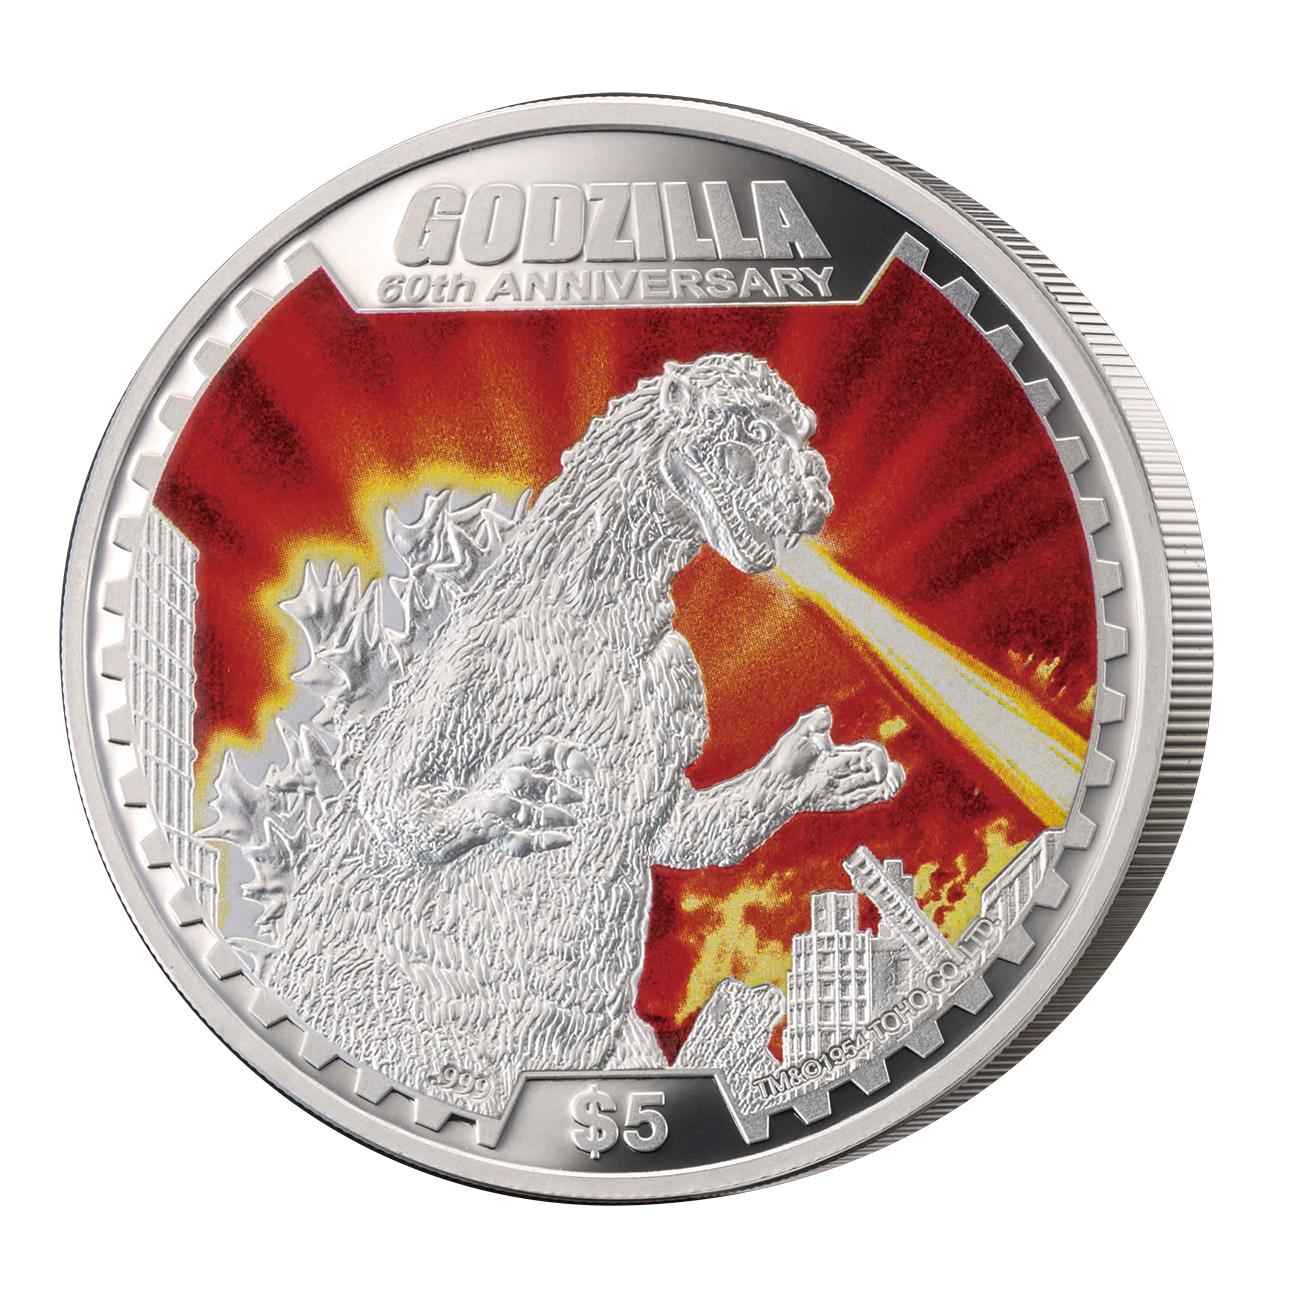 怪獣映画の金字塔「ゴジラ」生誕60周年を記念したビッグサイズ銀貨/フィギュア付き銀貨の2つの公式記念貨幣を提供開始!